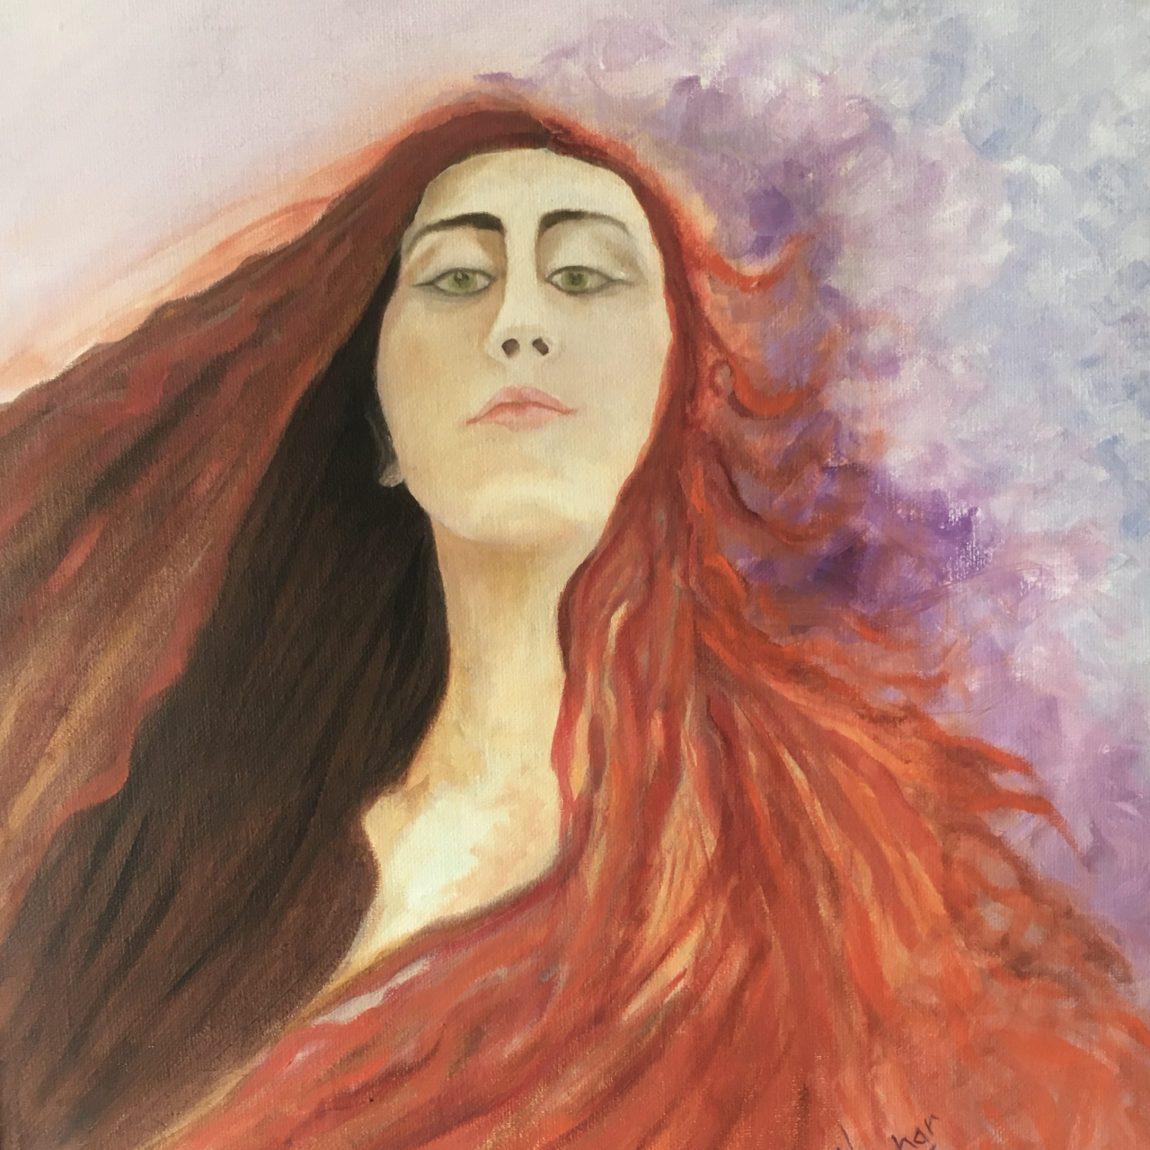 Sanatçı : Gülbahar Erdem  -  Eser Adı: A Lady  - Teknik: T.Ü. Yağlı Boya  - Ölçü: 62 x 70,5 cm-  Fiyat : 5.900  TL